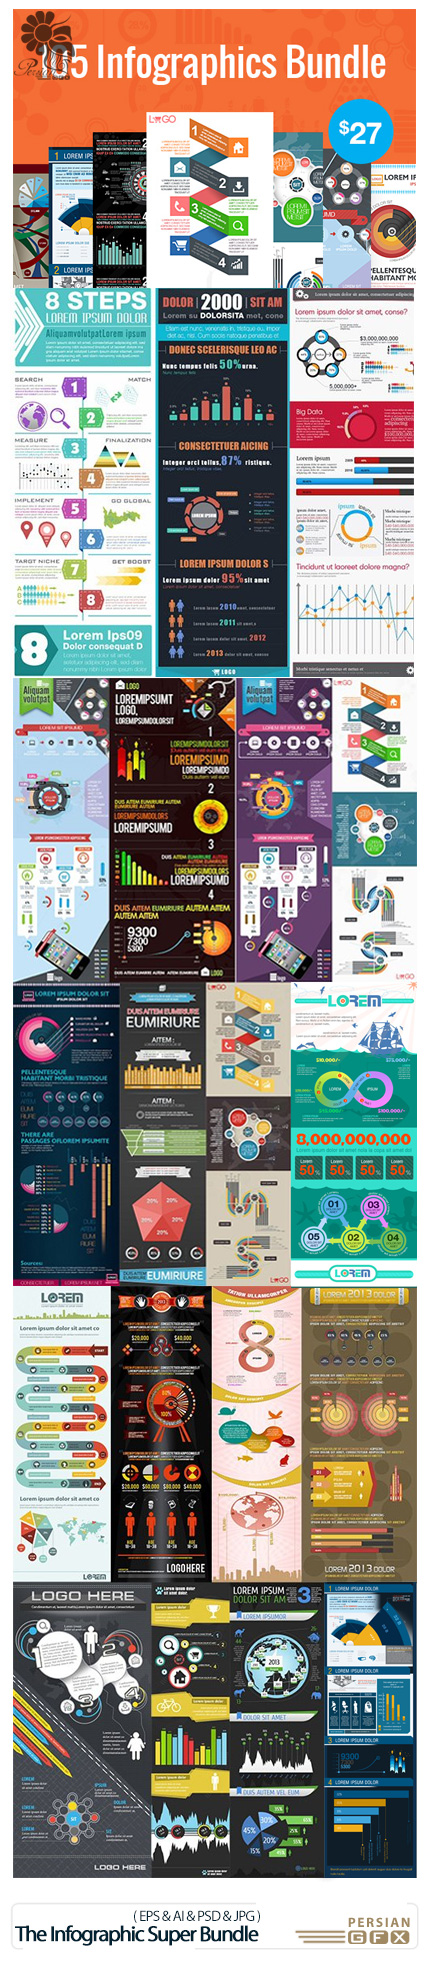 دانلود مجموعه تصاویر وکتور قالب های آماده اینفوگرافیکی - The Infographic Super Bundle 105 Awesome Templates